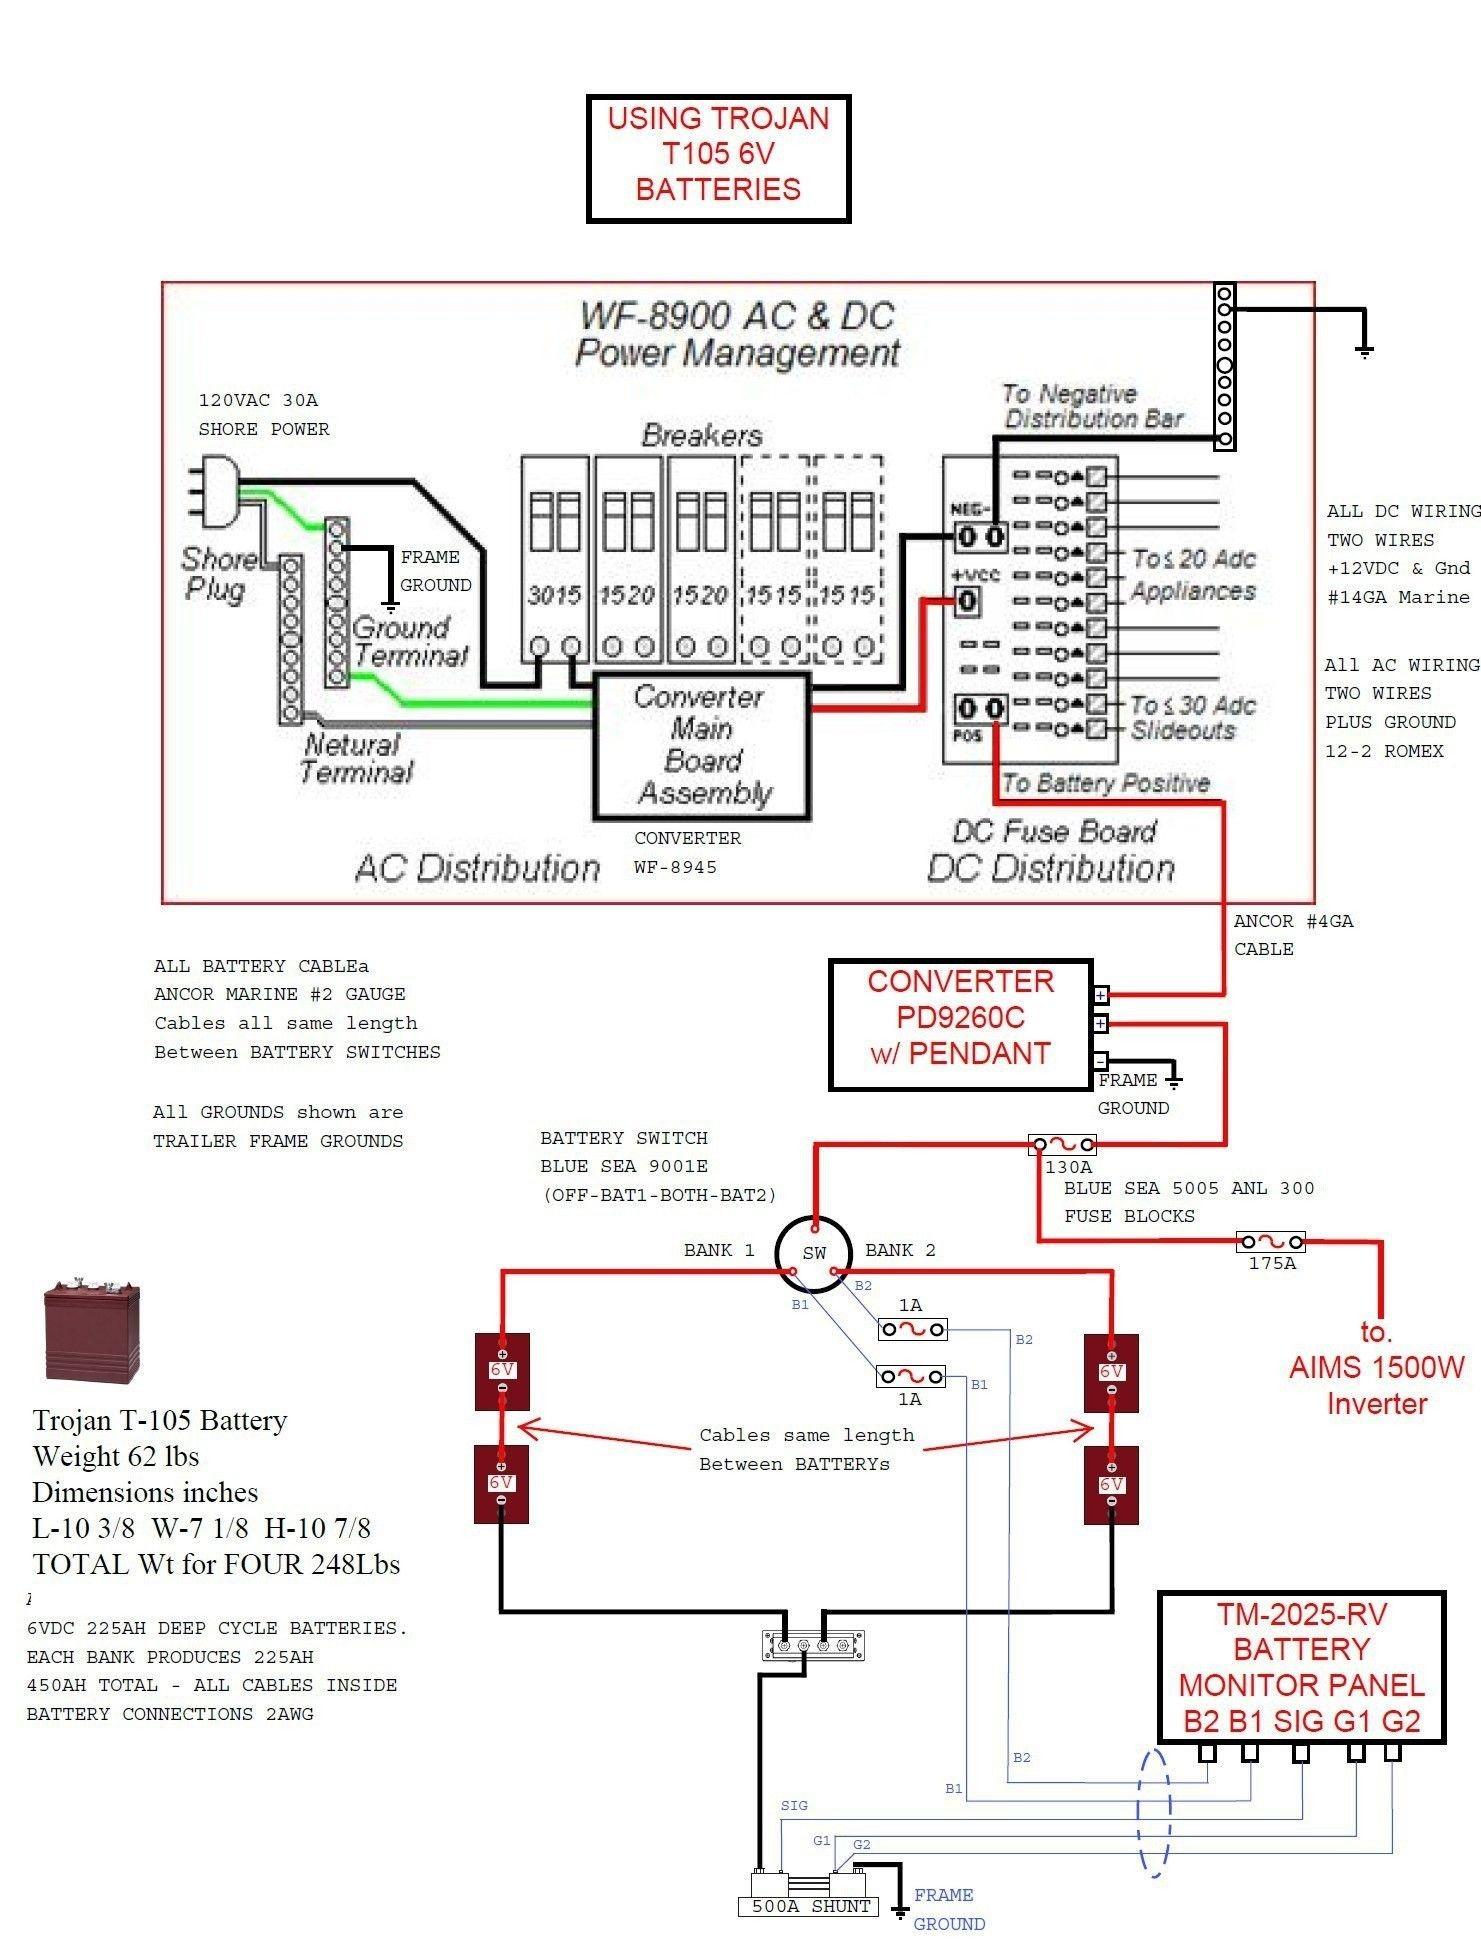 Kib Moniteur Wiring Diagram Design Petitions [view 41 ] Kib Rv Monitor Panel Wiring Diagram Of Kib Moniteur Wiring Diagram